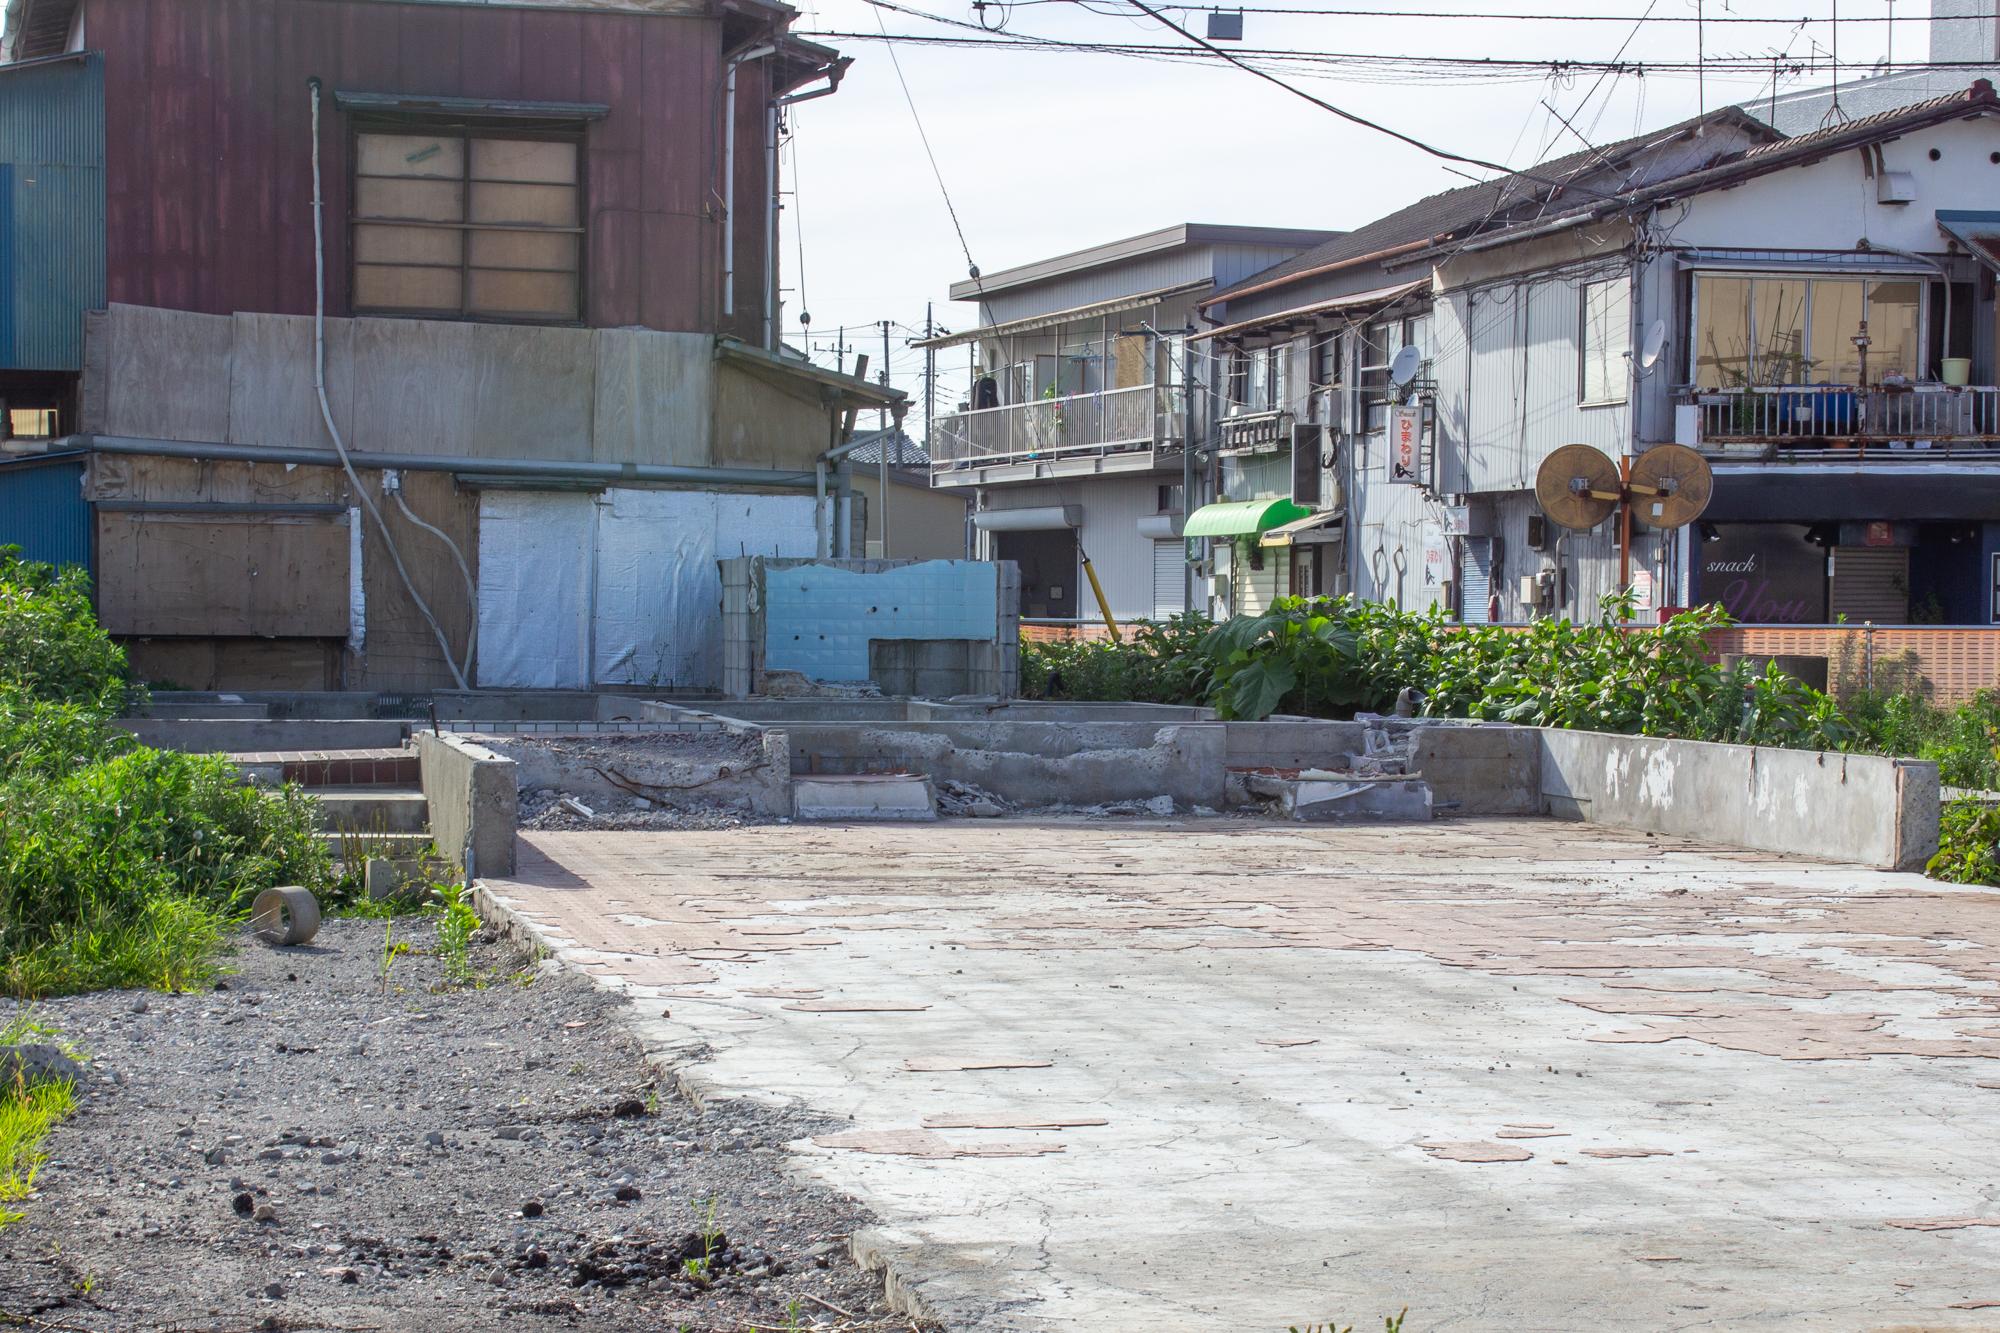 f:id:akichiniiko:20200528230324j:plain